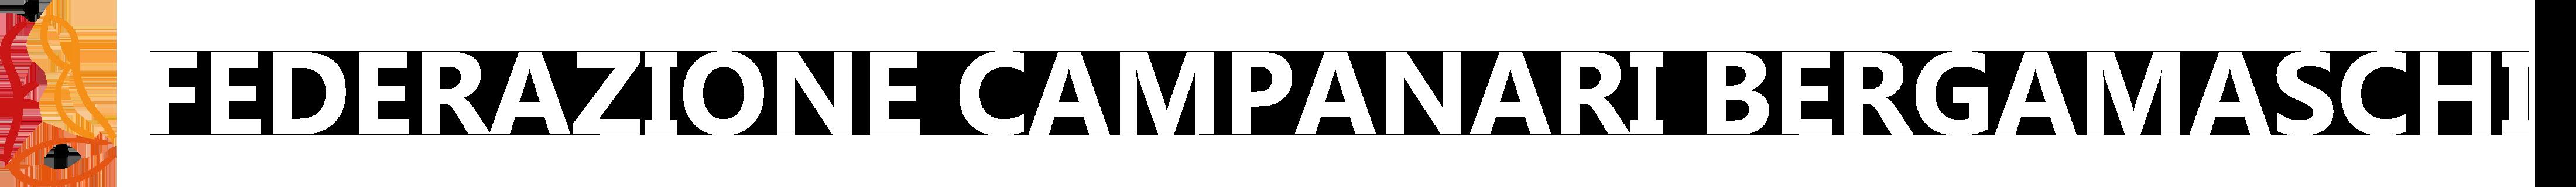 Federazione Campanari Bergamaschi